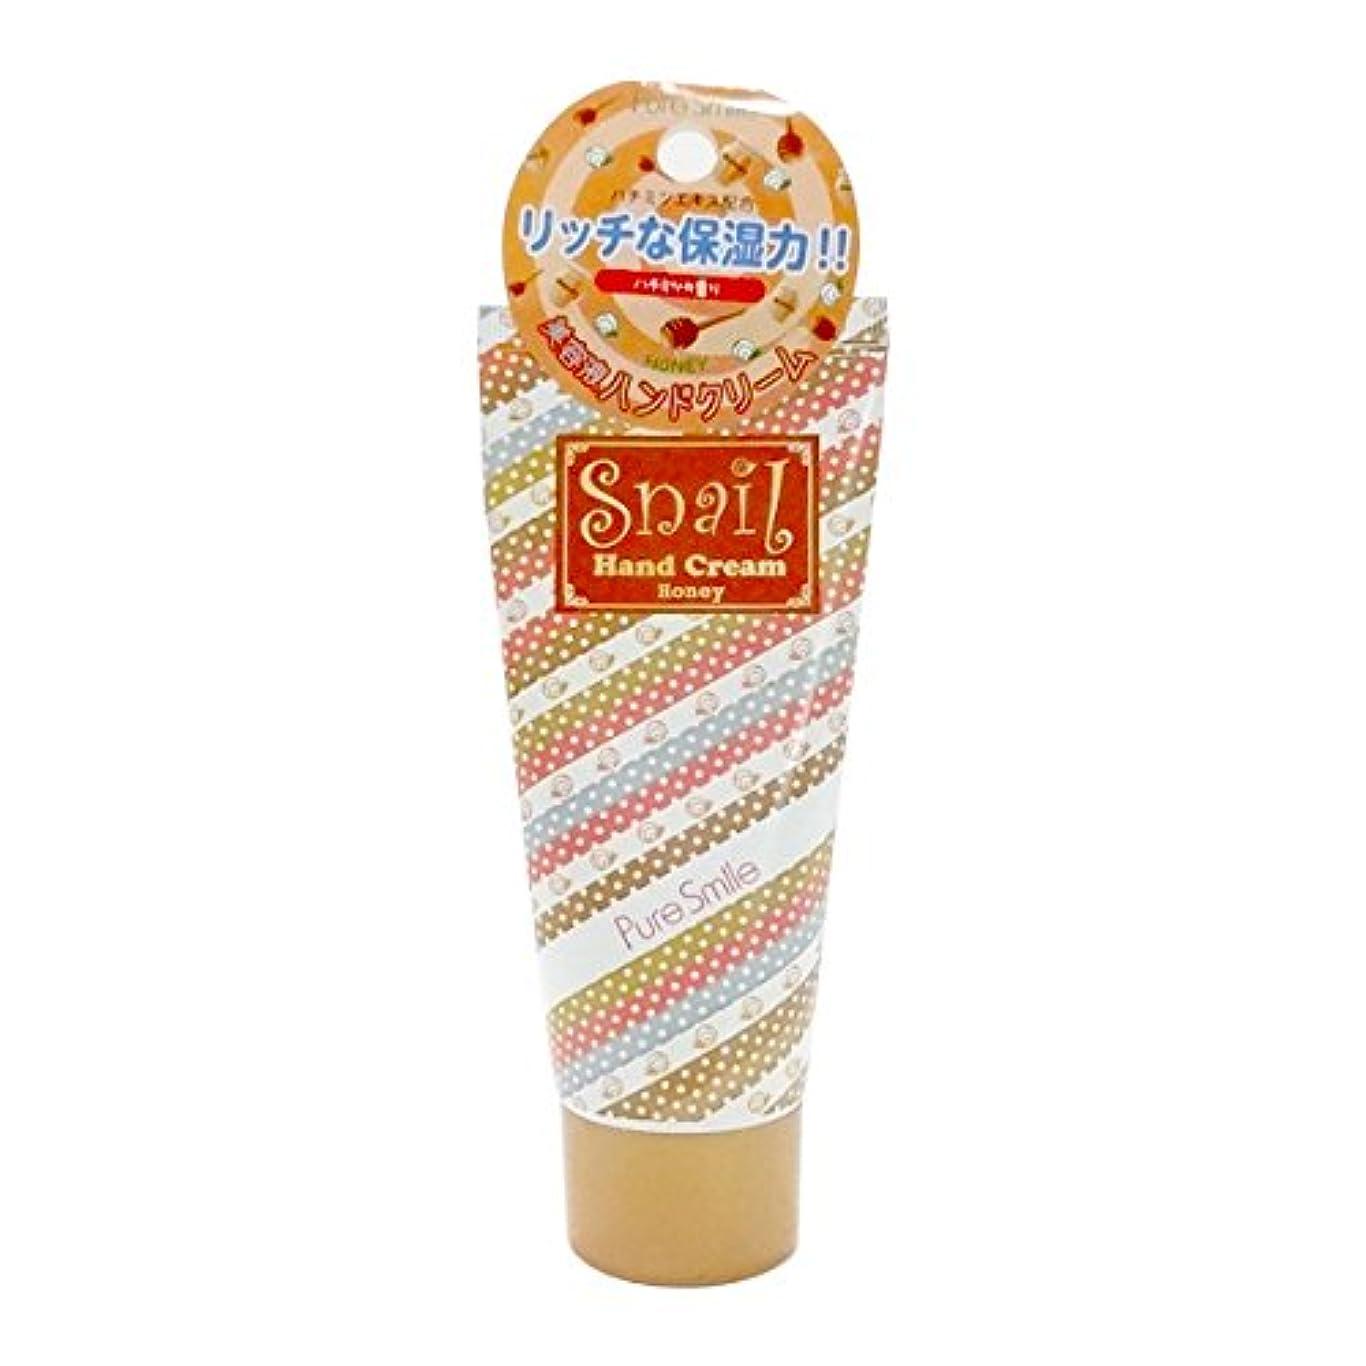 ピクニックエトナ山意図的スネイル ハンドクリーム『ハチミツの香り』 60g SH03-HONEY